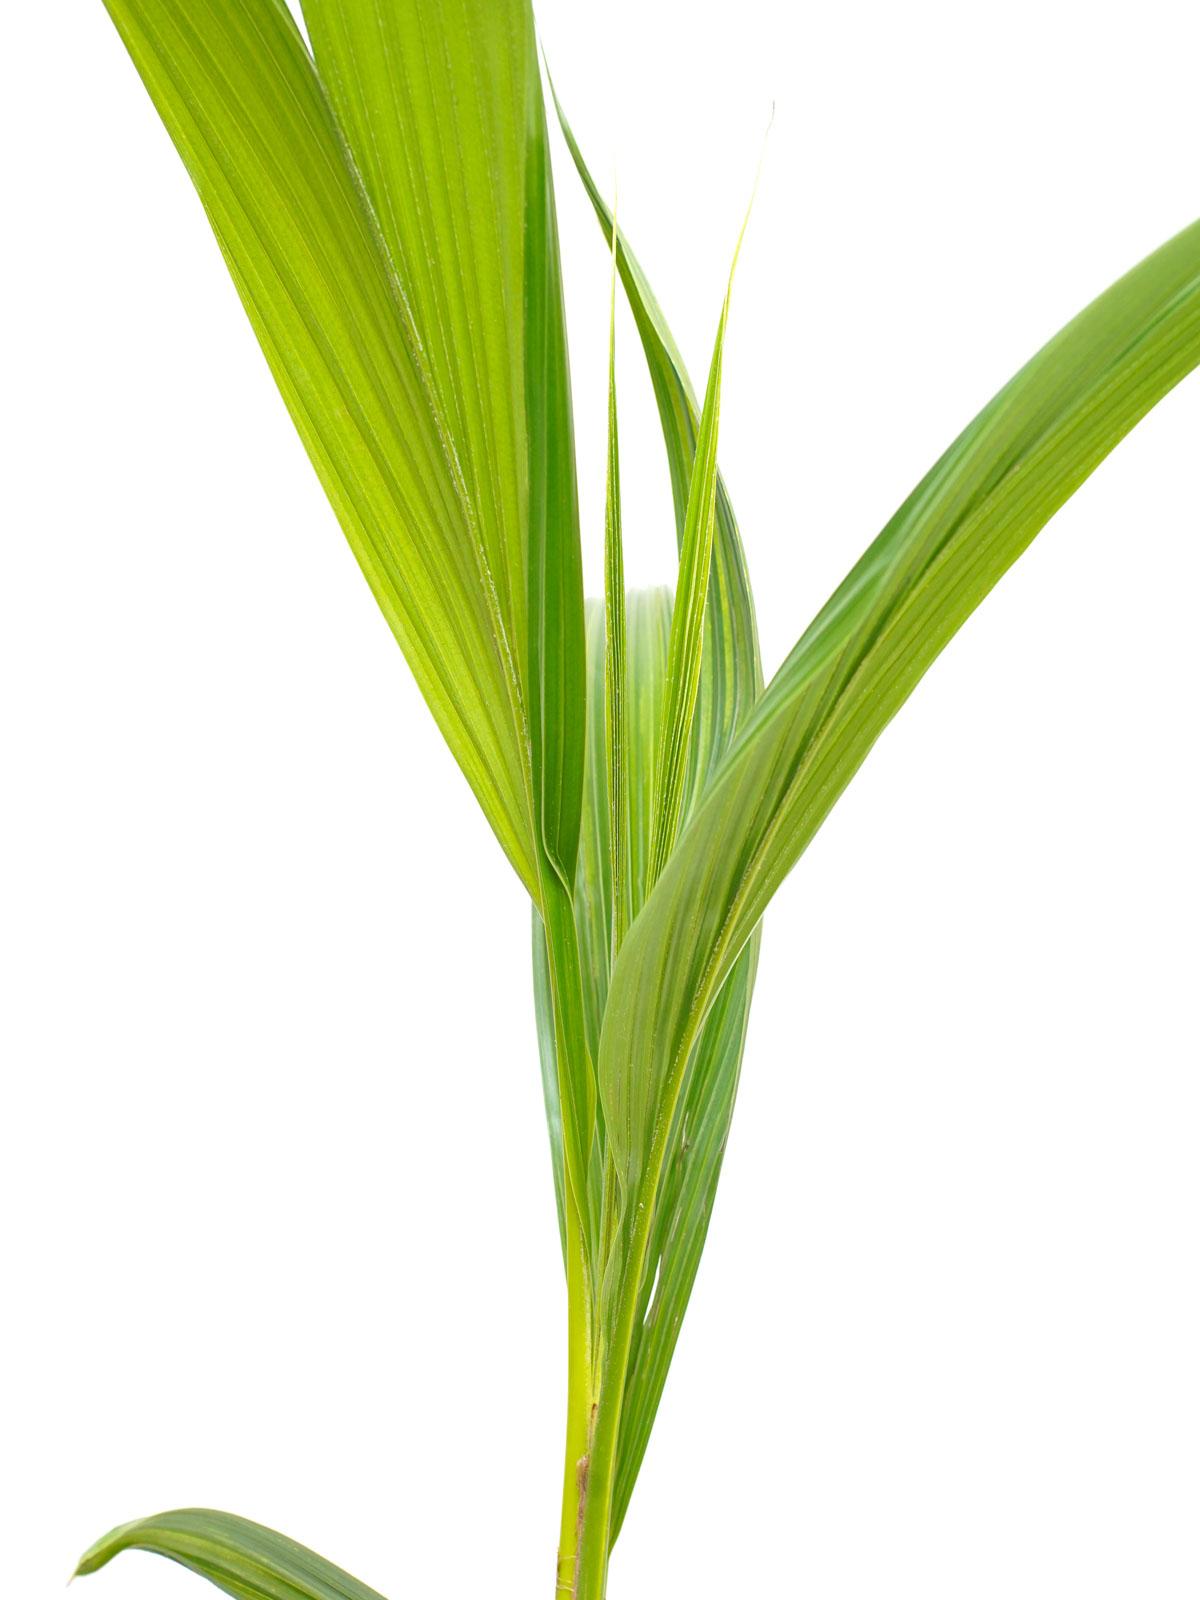 نخيل كوكوس نوسيفيرا نباتات داخلية أشجار